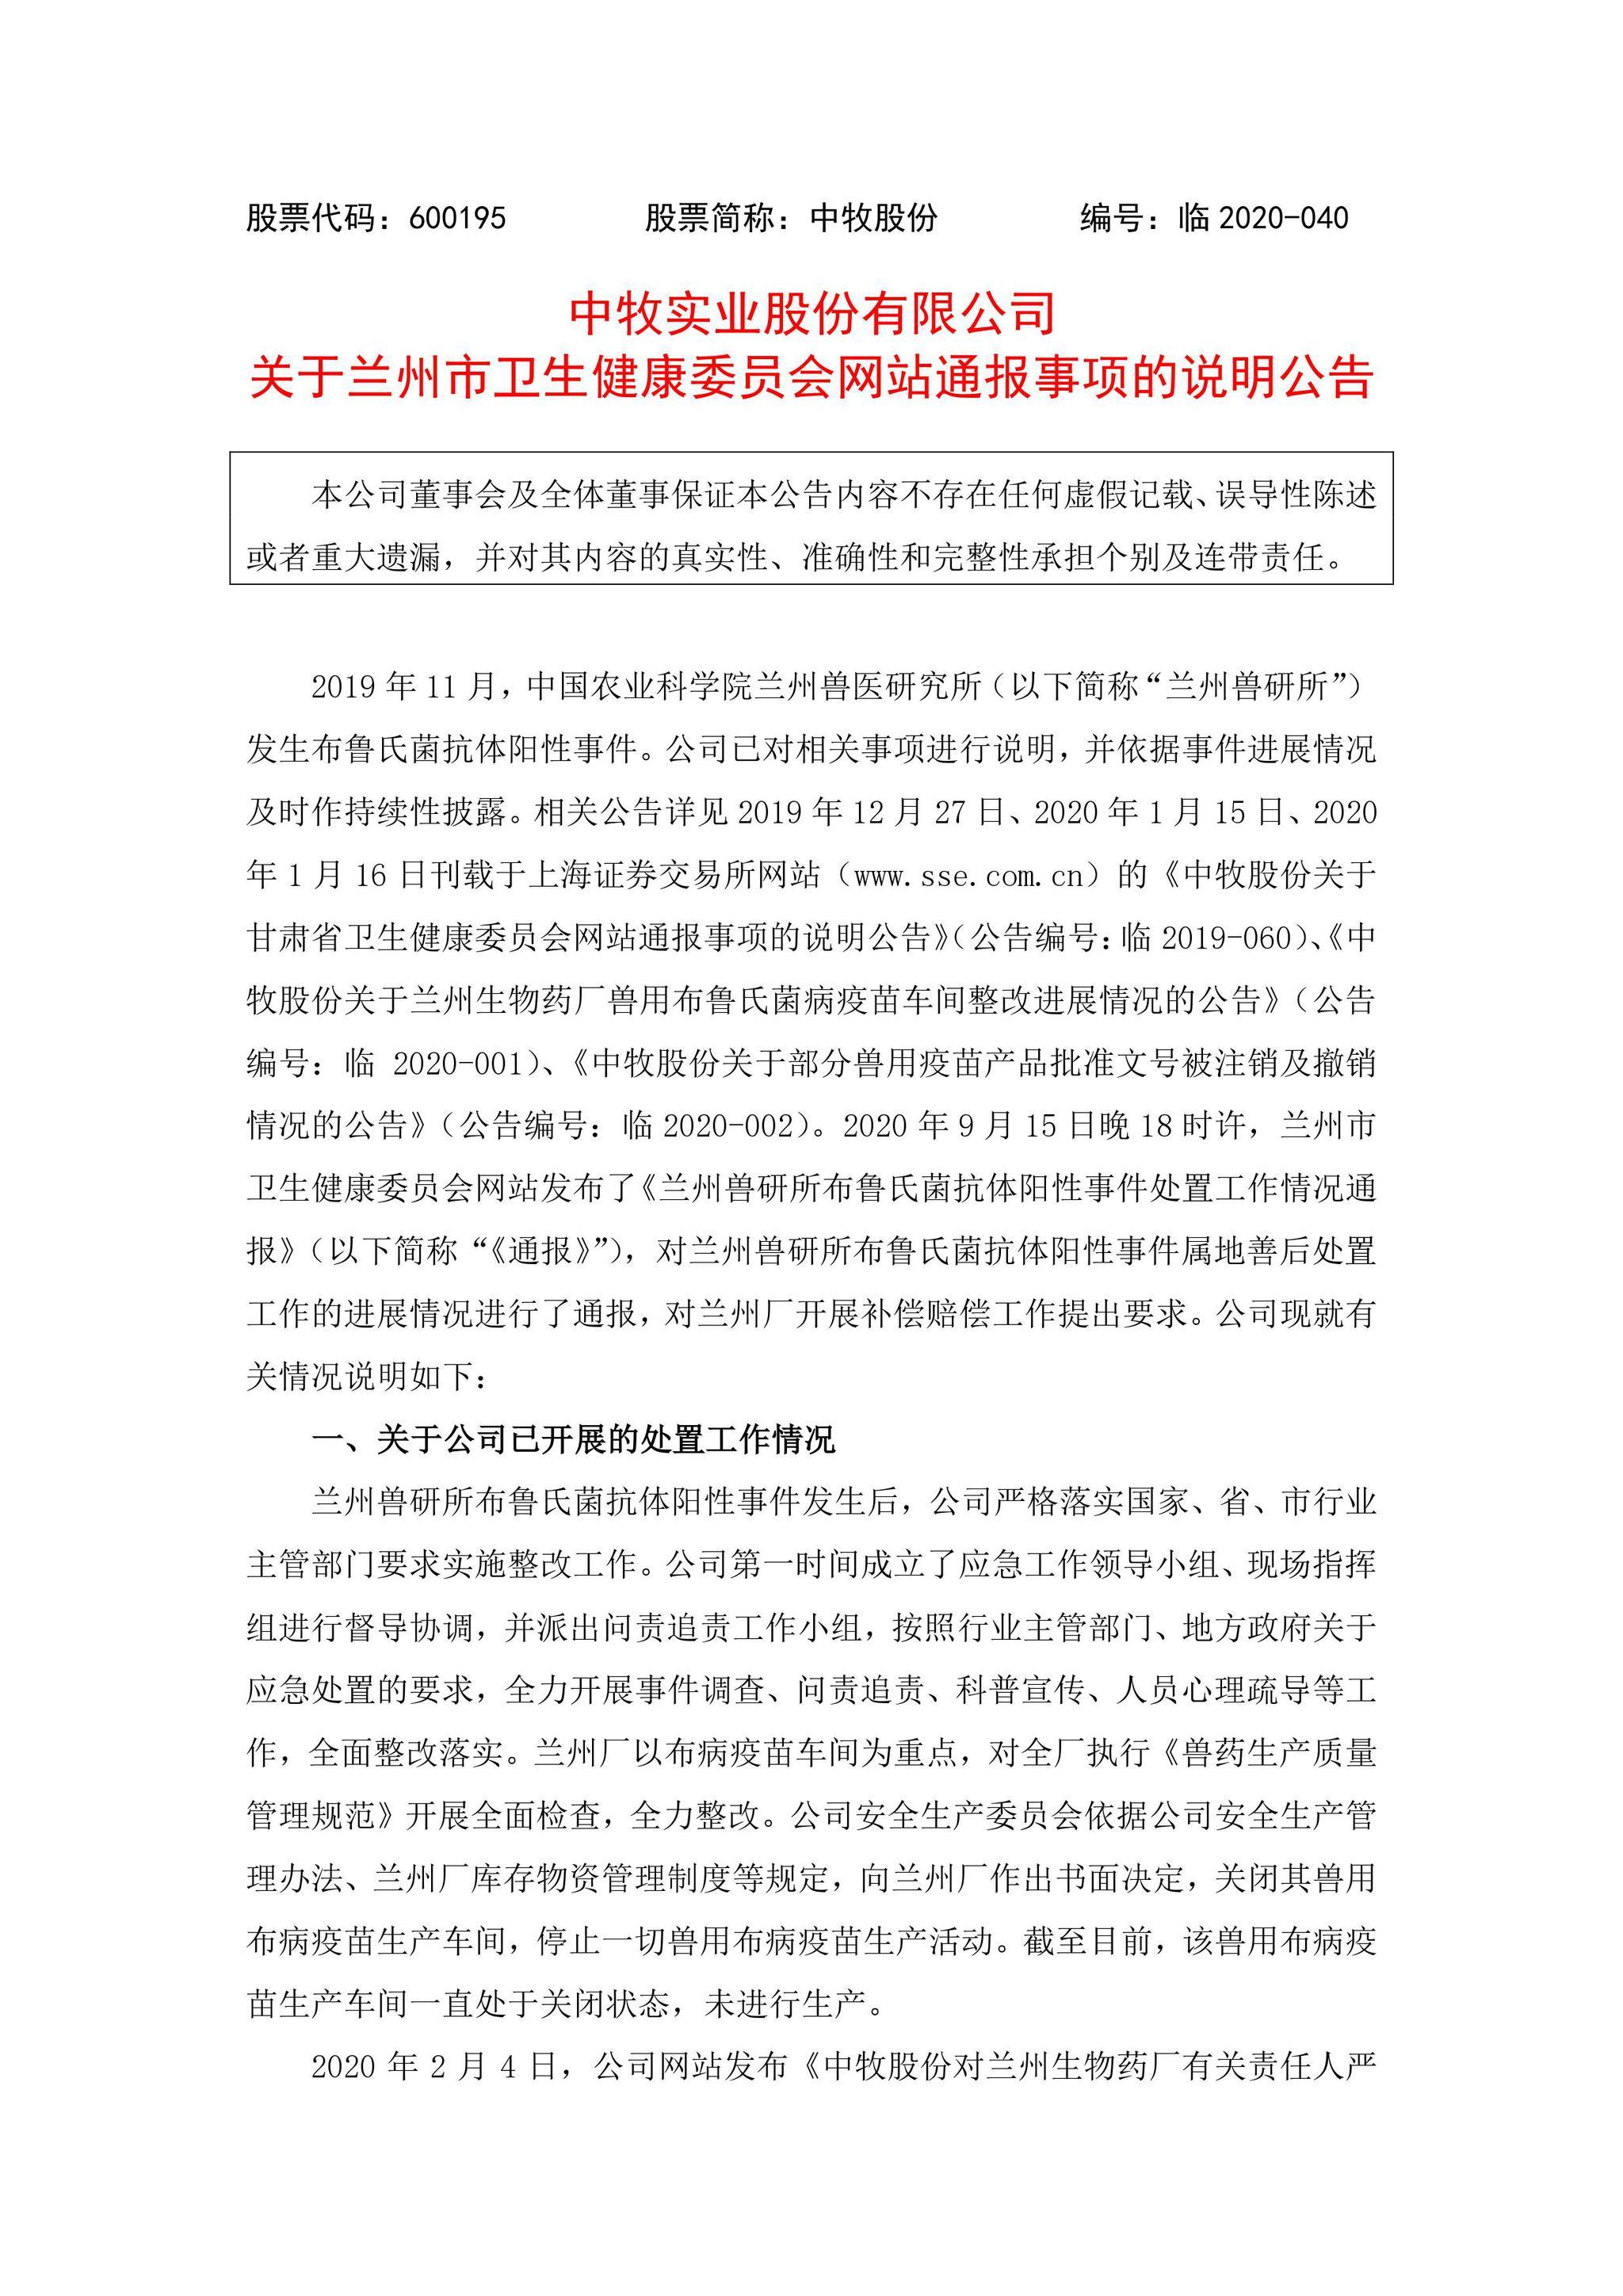 中牧股份:将督促落实布病阳性事件补偿赔偿资金图片